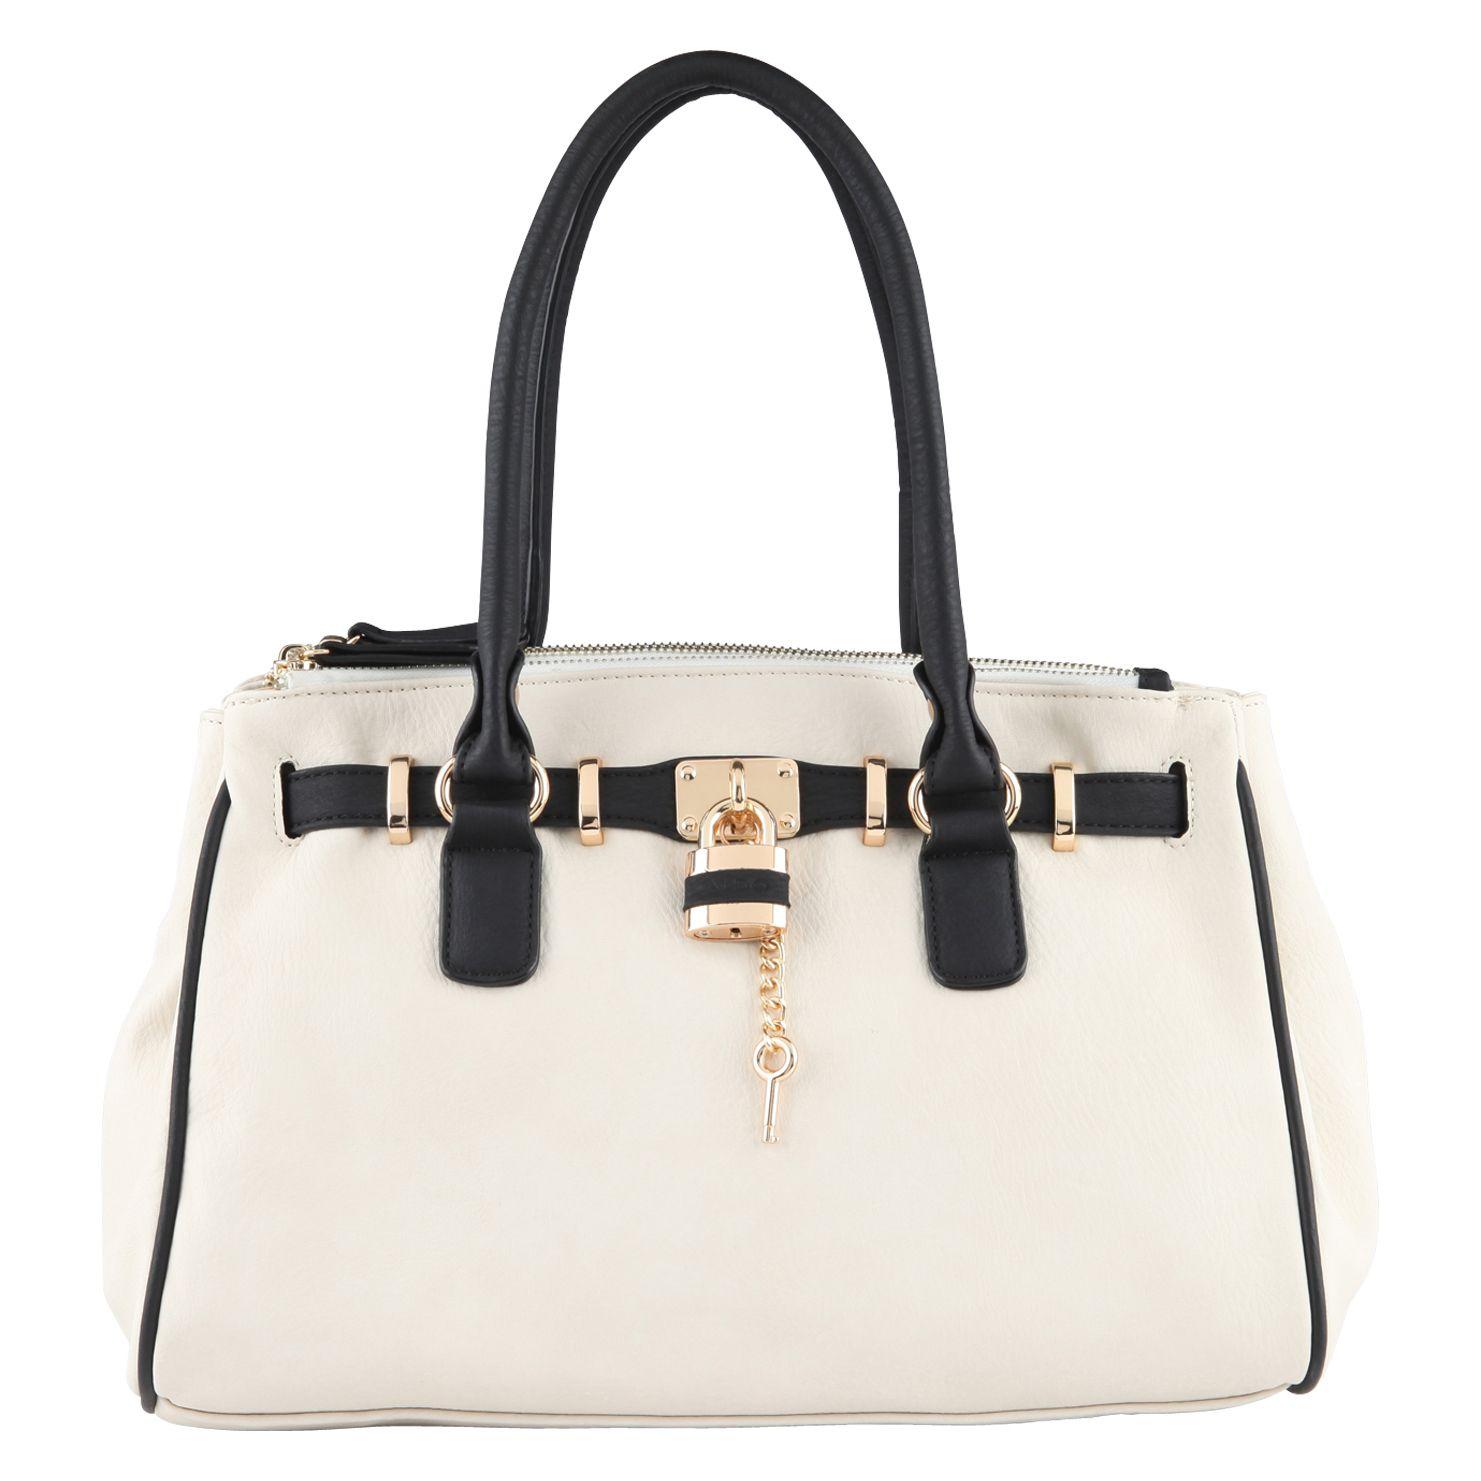 22e75fc945e Aldo Tote Bags For Women   Gold Flat Sandals